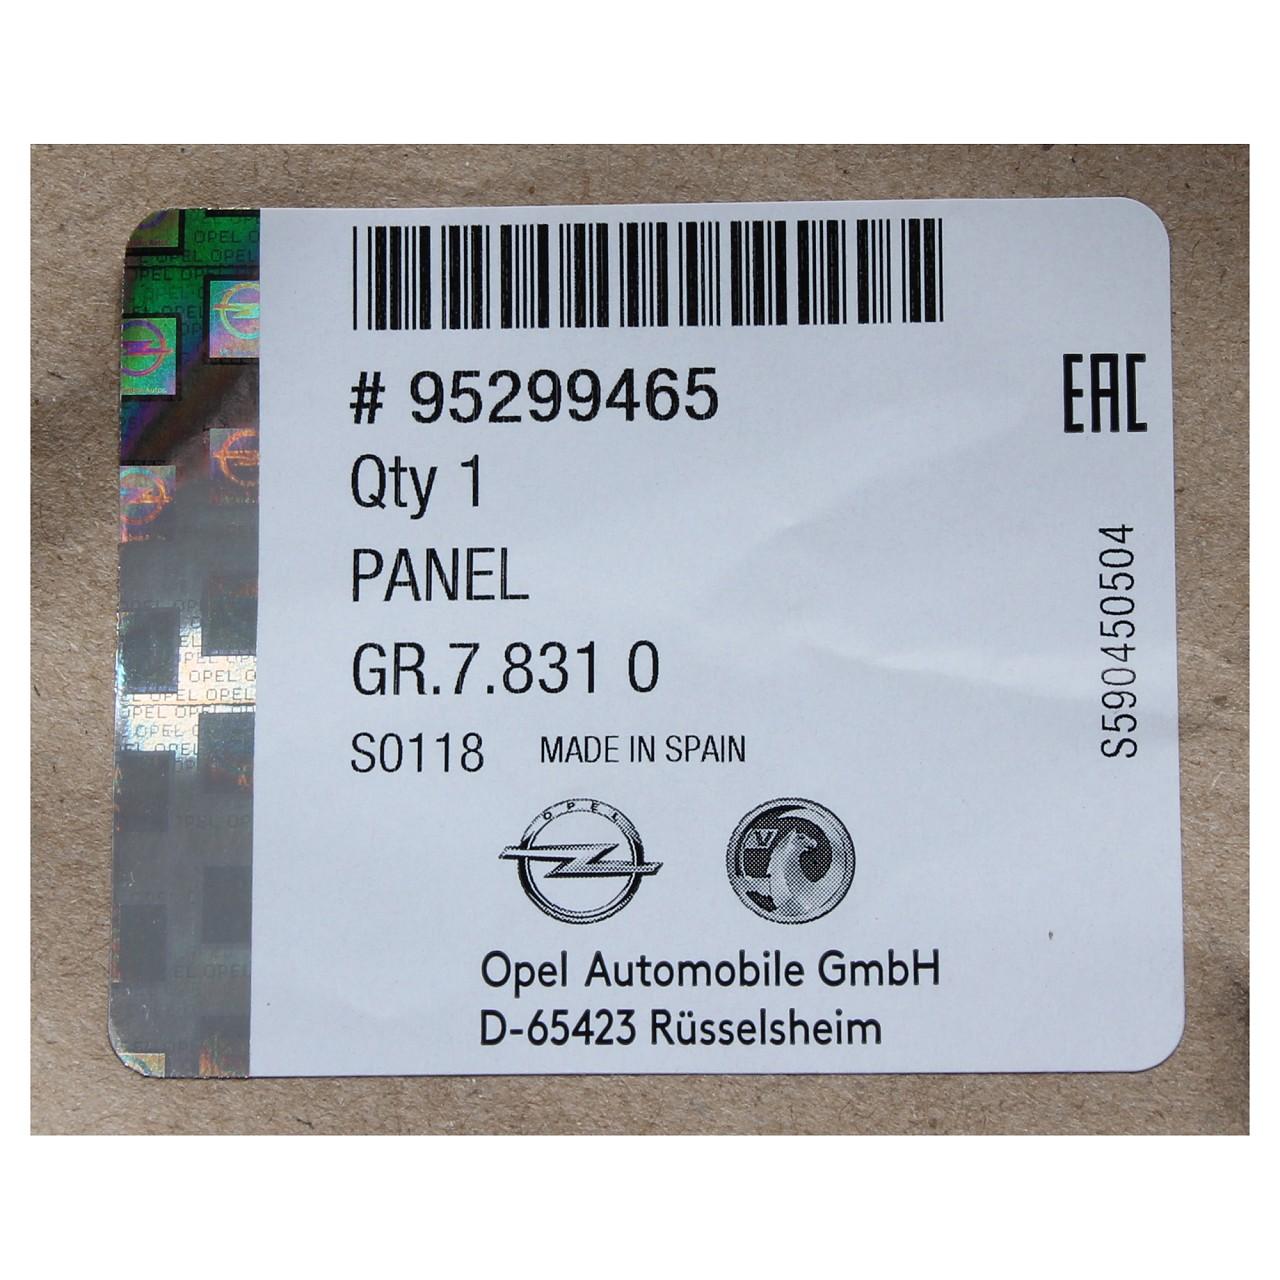 ORIGINAL GM Opel Stoßstange Stoßfänger MOKKA / MOKKA X vorne unten 95299465